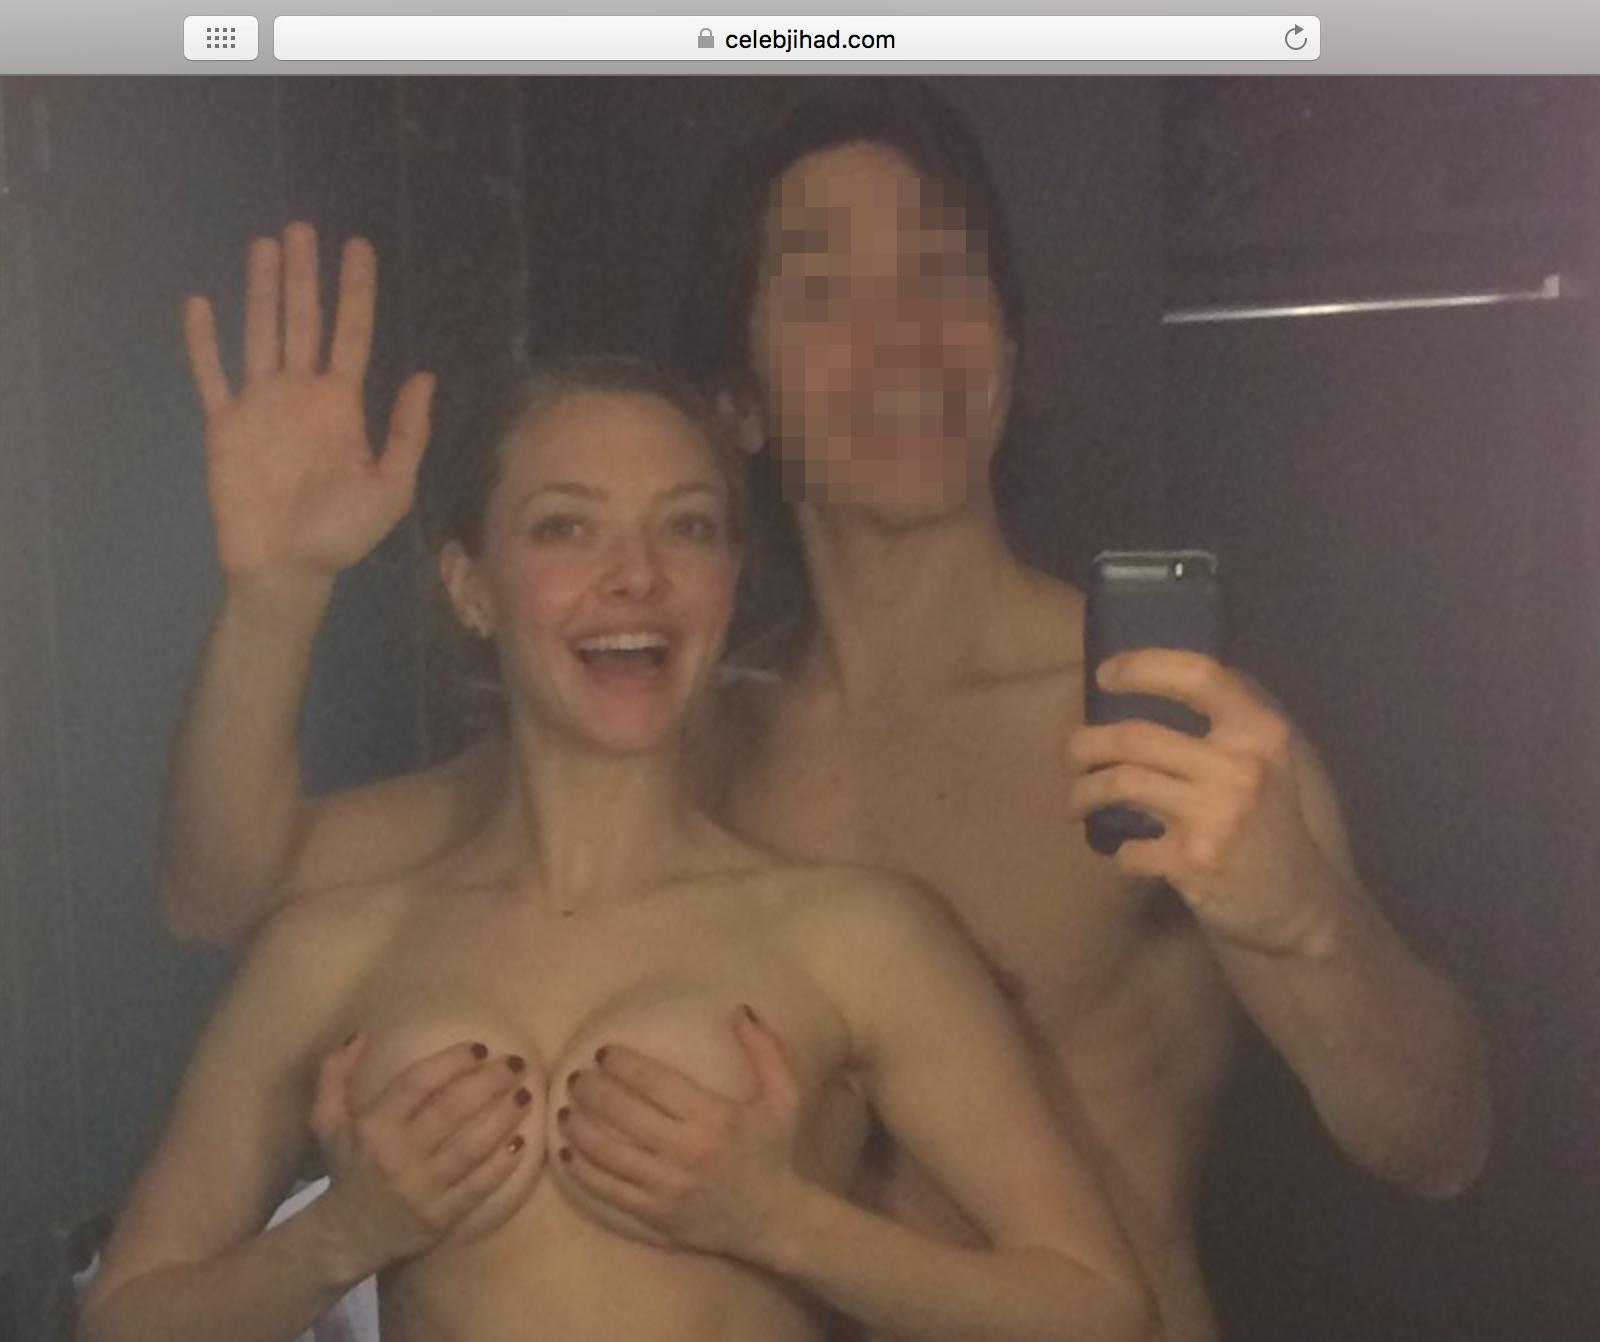 aktorka ofiarą hakerów. wyciekły jej nagie zdjęcia